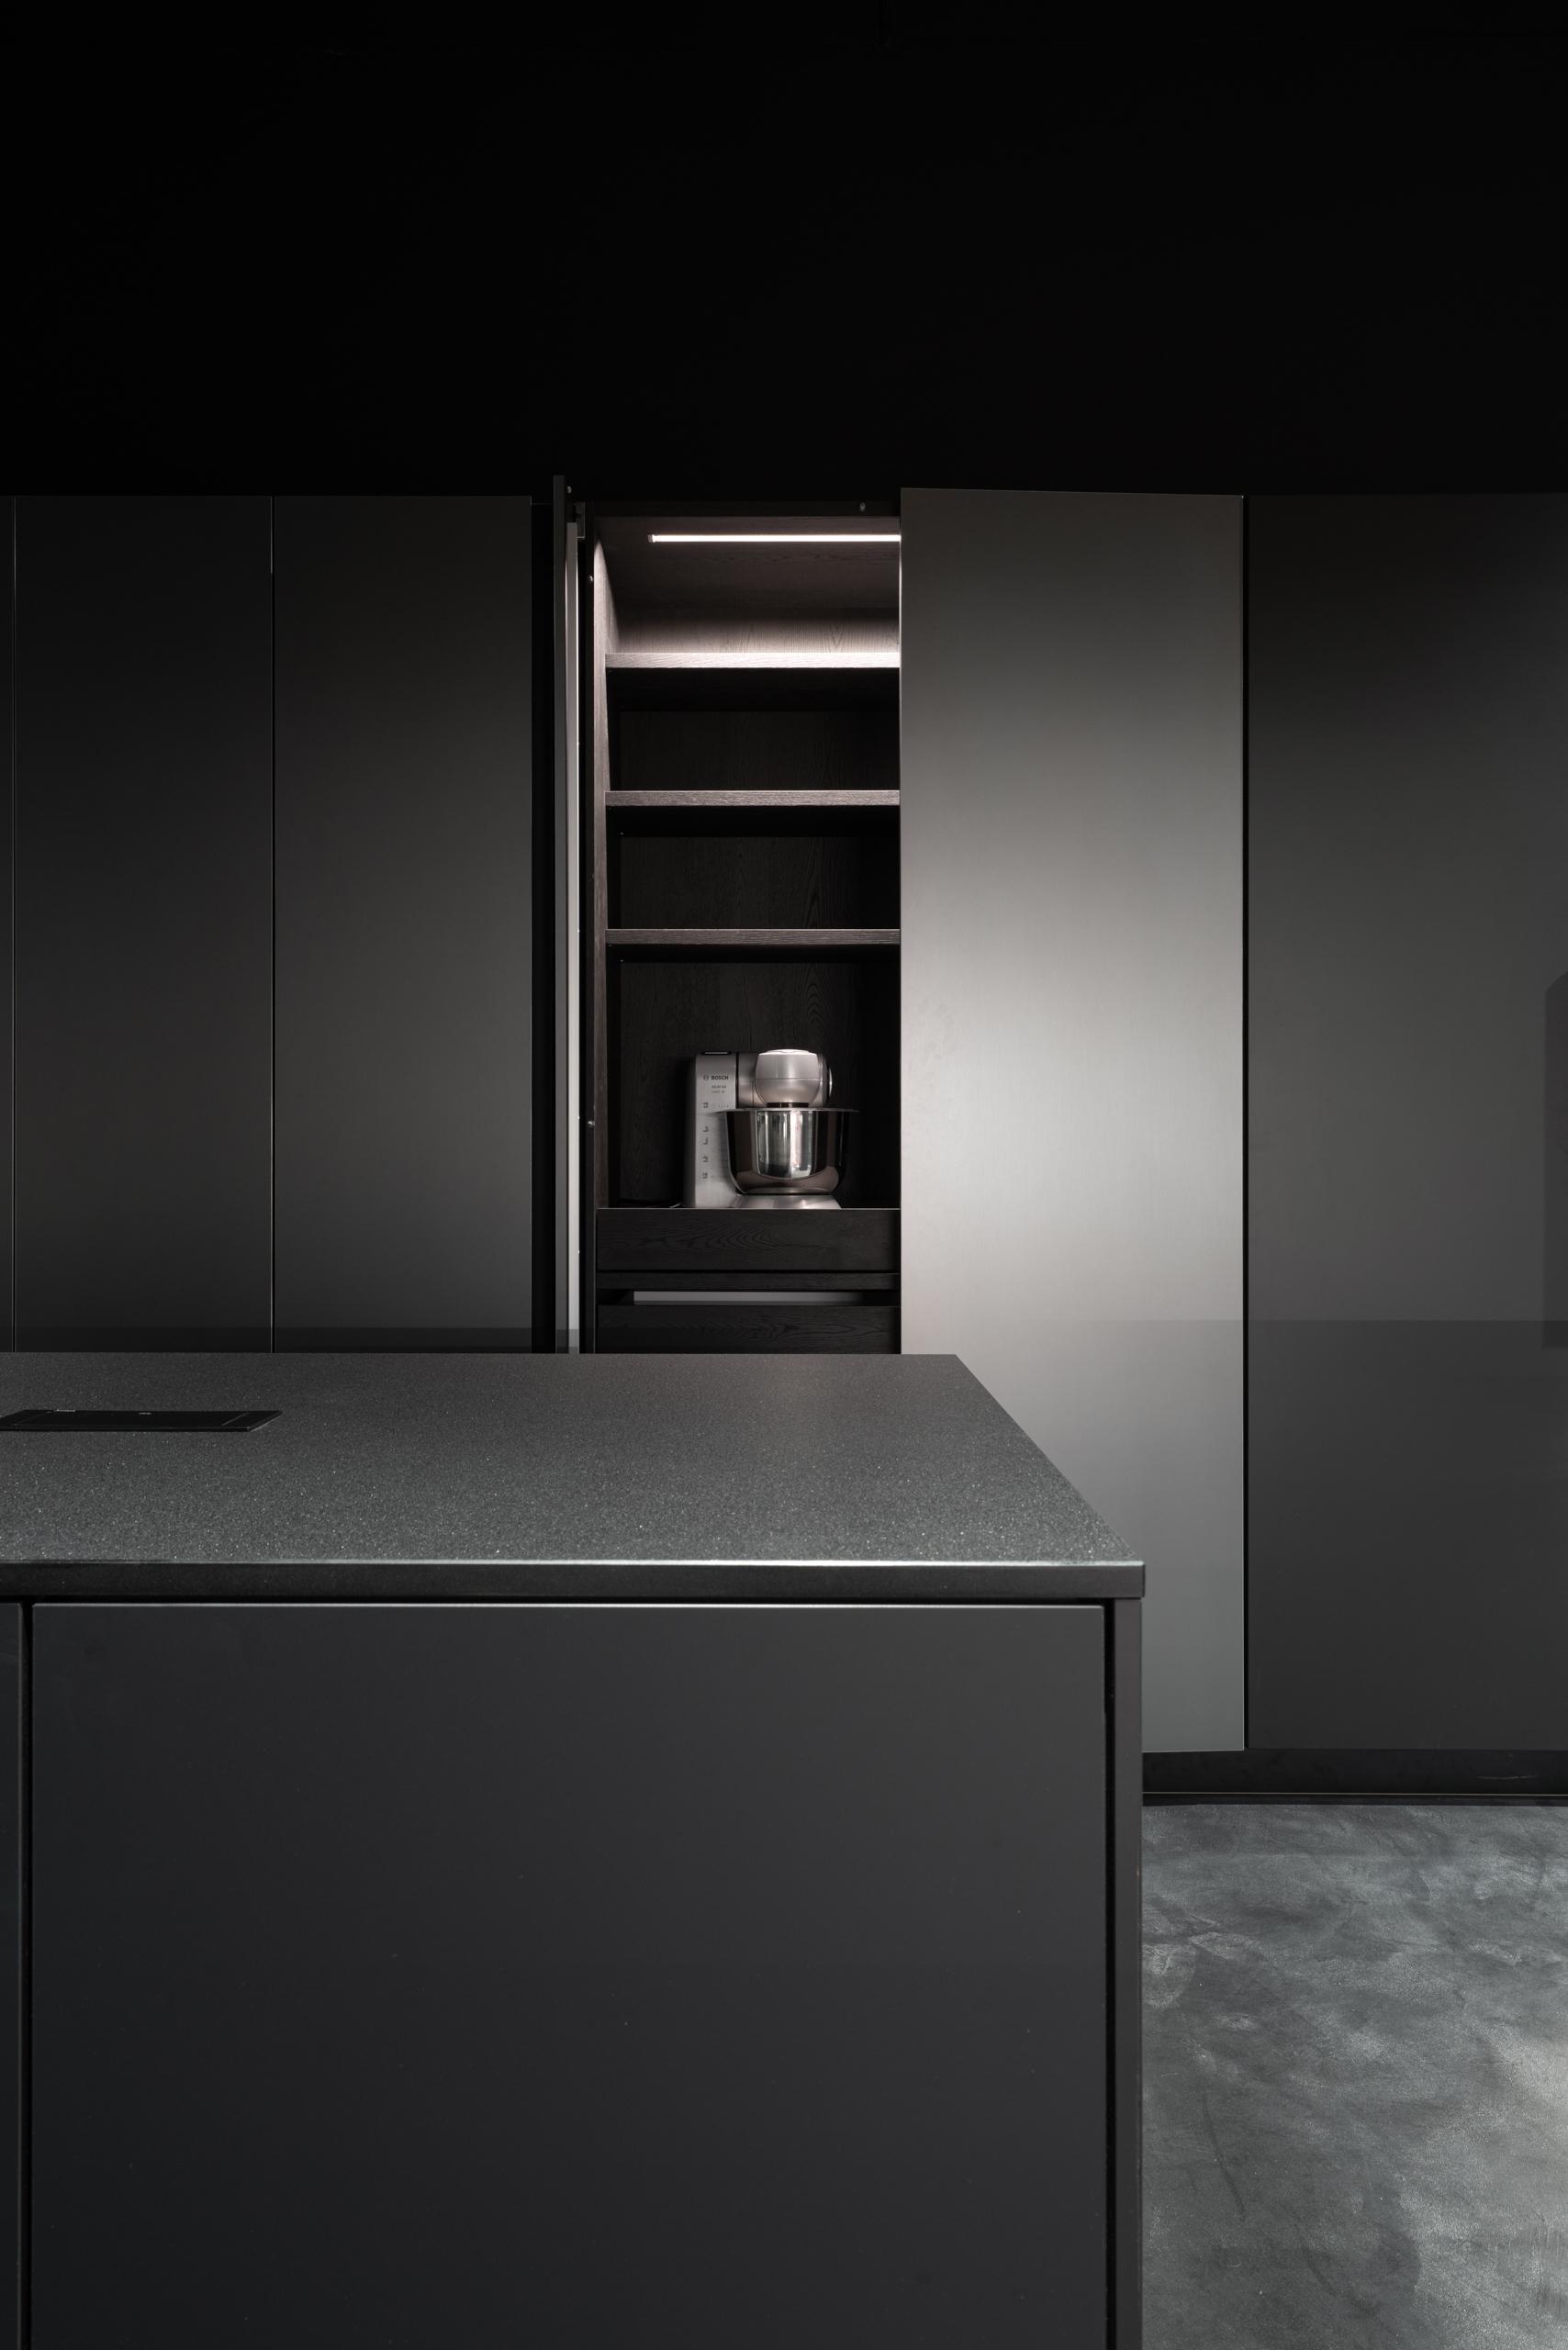 Фотосъемка интерьера салона кухонь